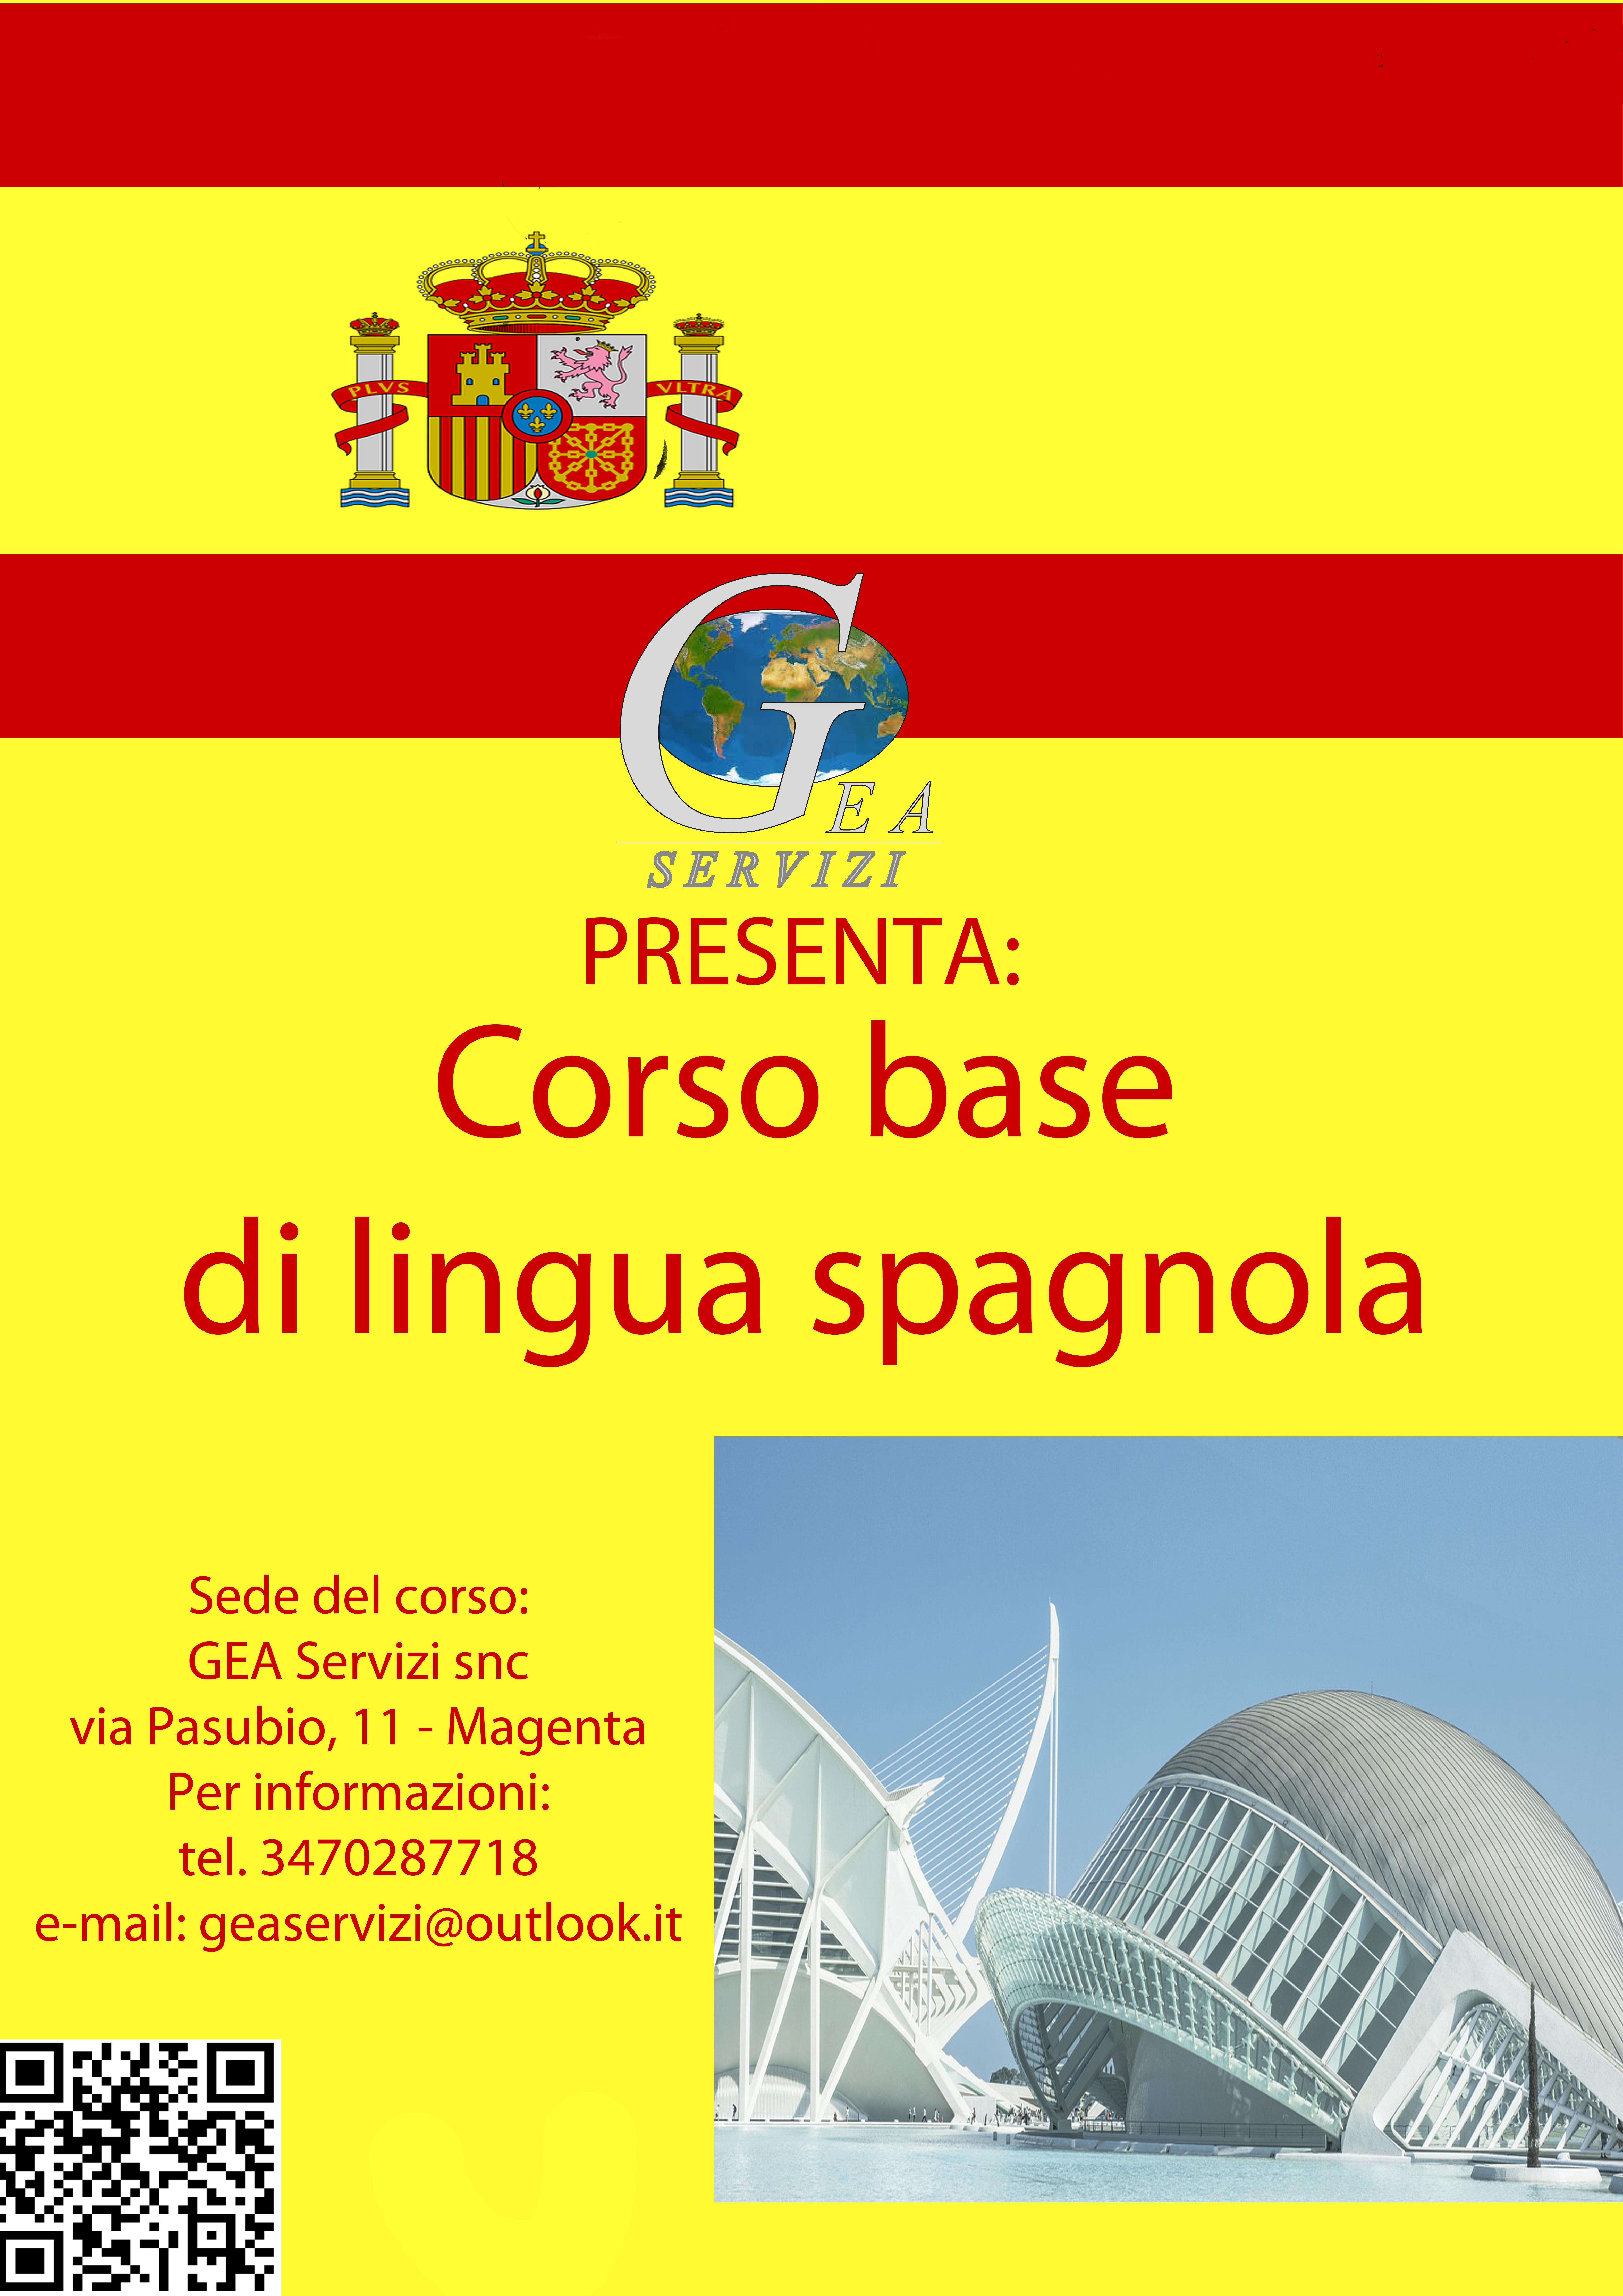 Corso Spagnolo Magenta